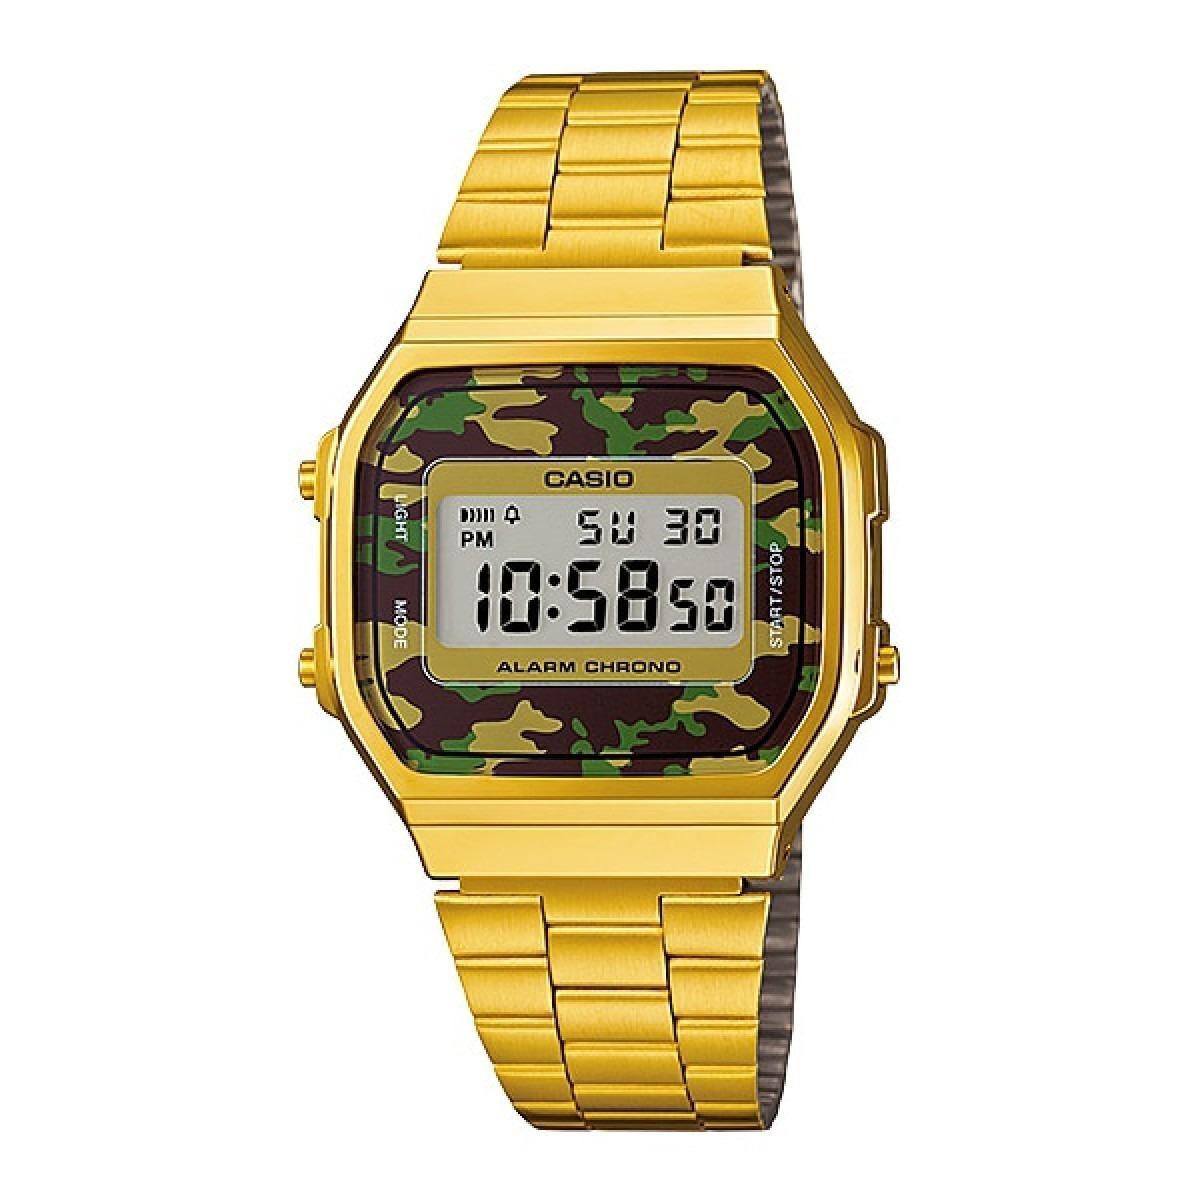 8707a632136 relógio casio a168 vintage dourado a168wegc-3df original. Carregando zoom.